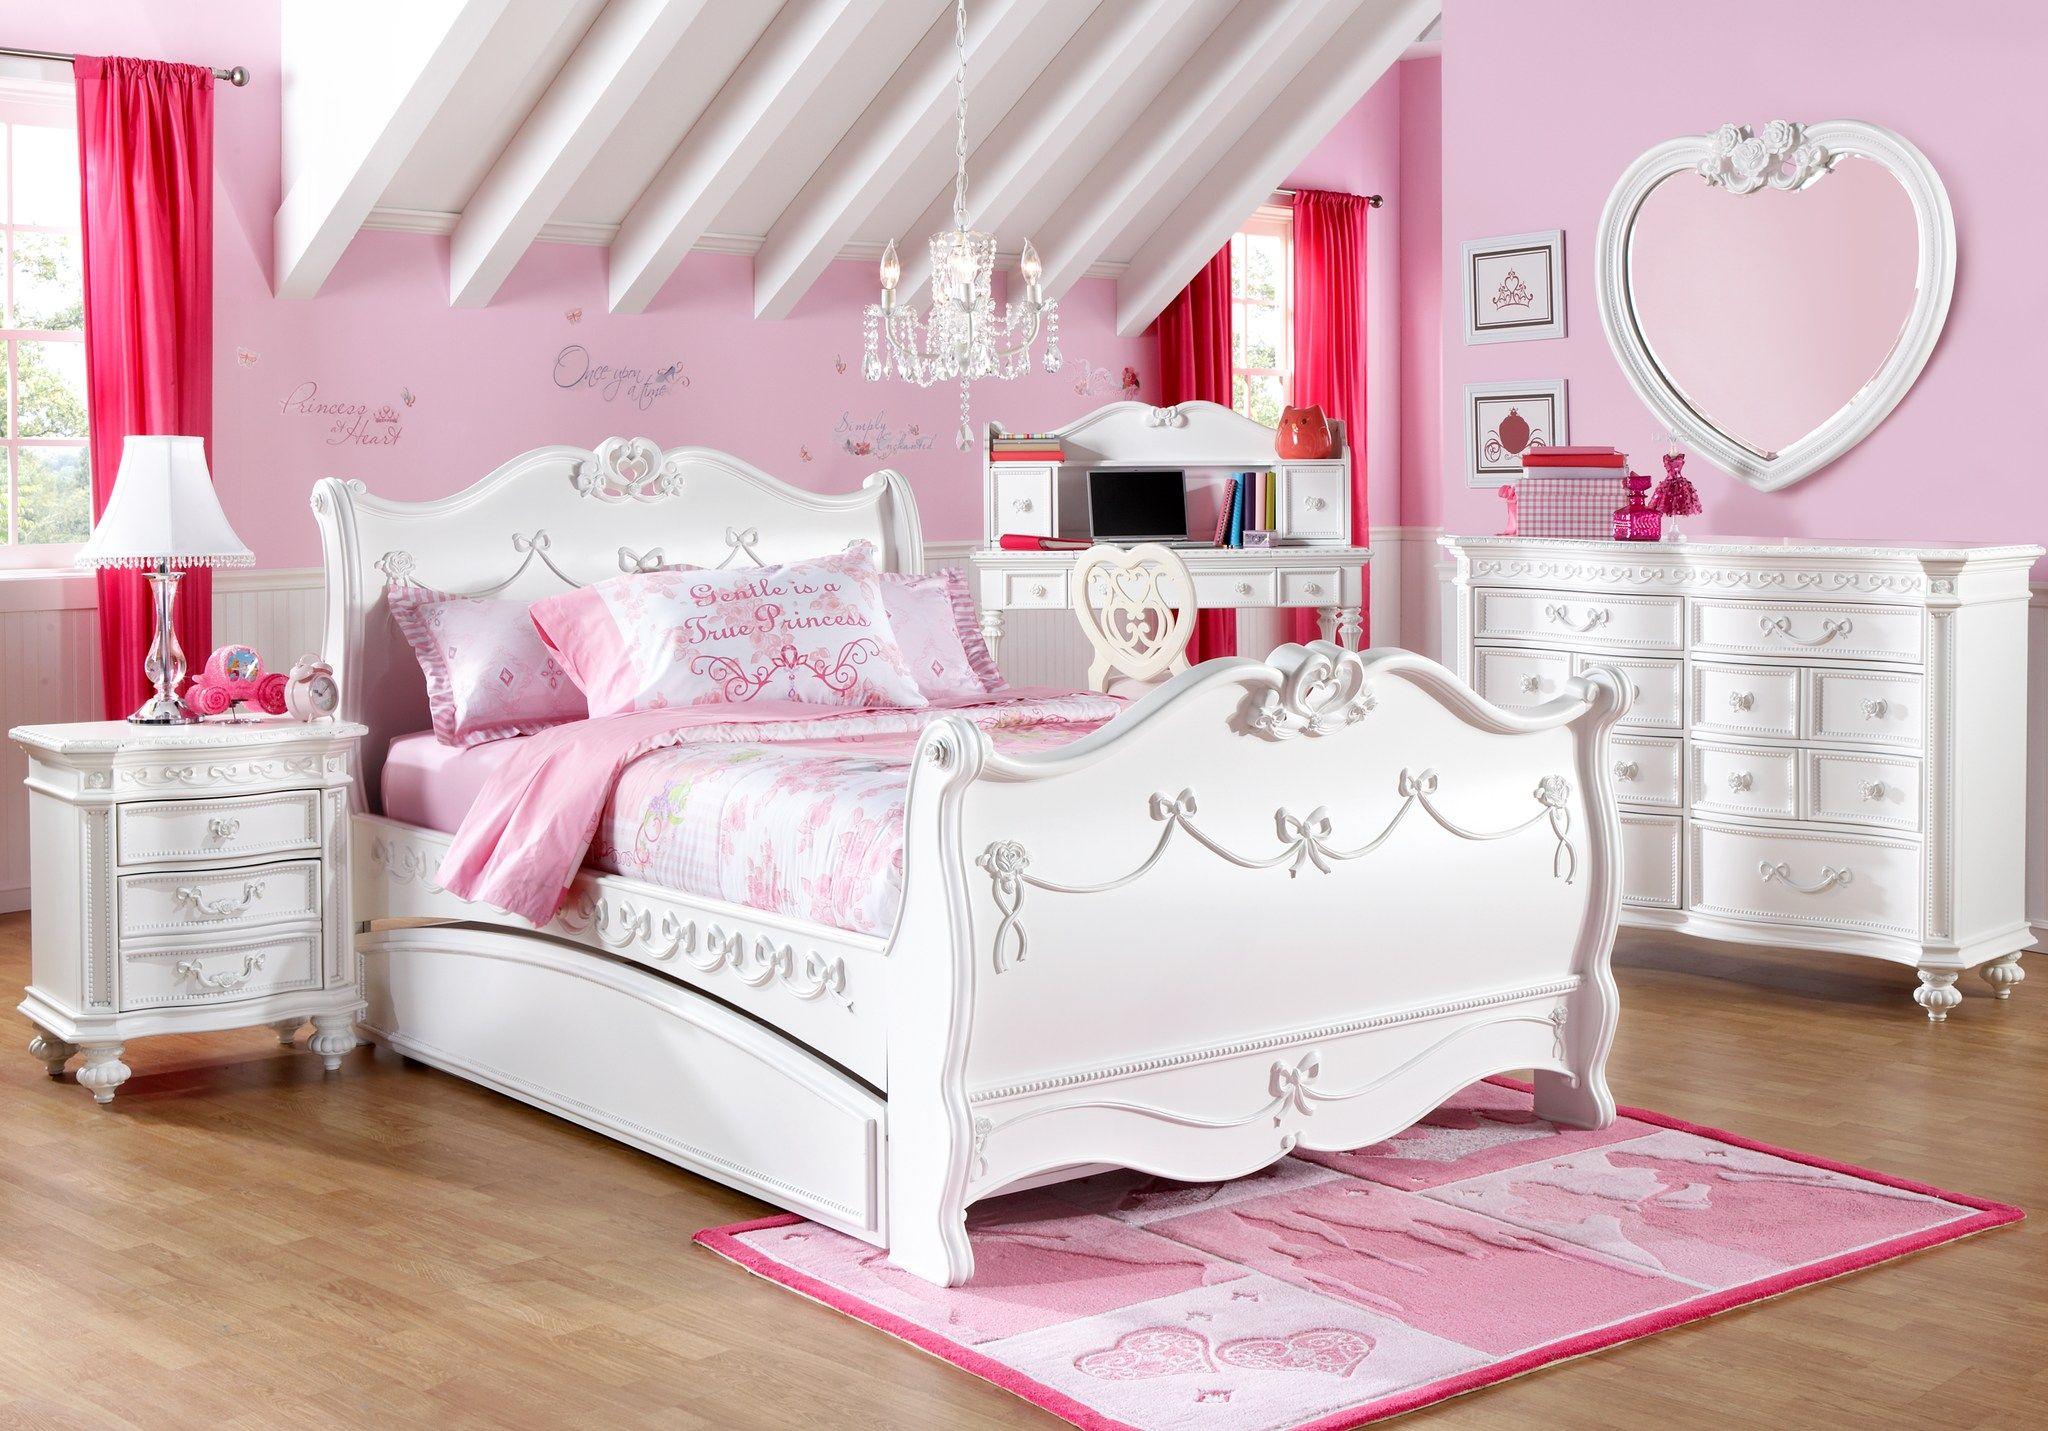 Disney Princess Bedroom Furniture Sets Girls Bedroom Sets Girls Bedroom Furniture Sets Princess Bedroom Set